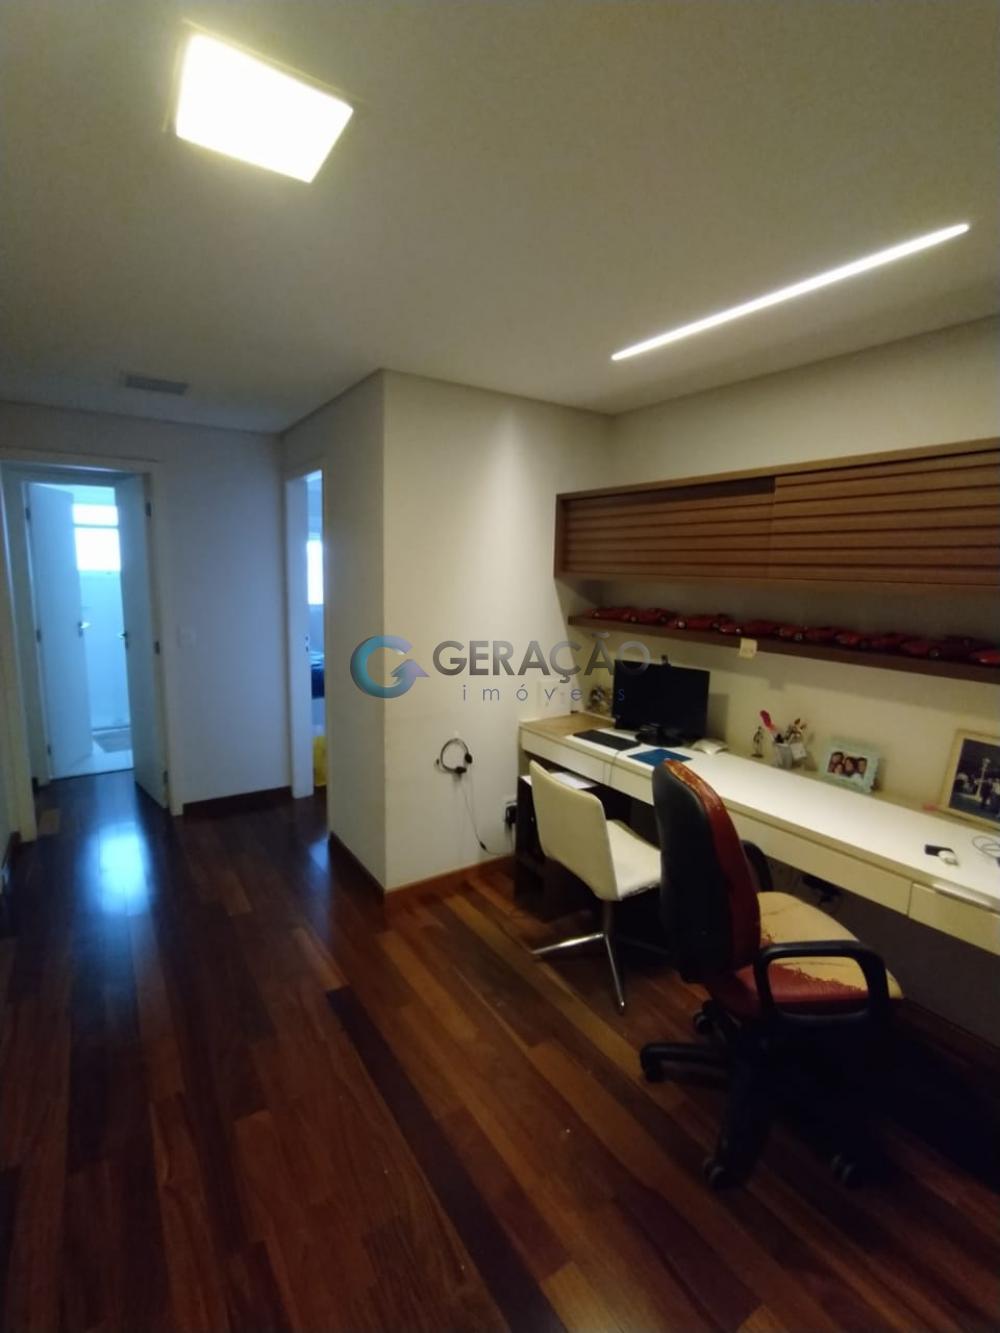 Alugar Apartamento / Padrão em São José dos Campos R$ 7.600,00 - Foto 13